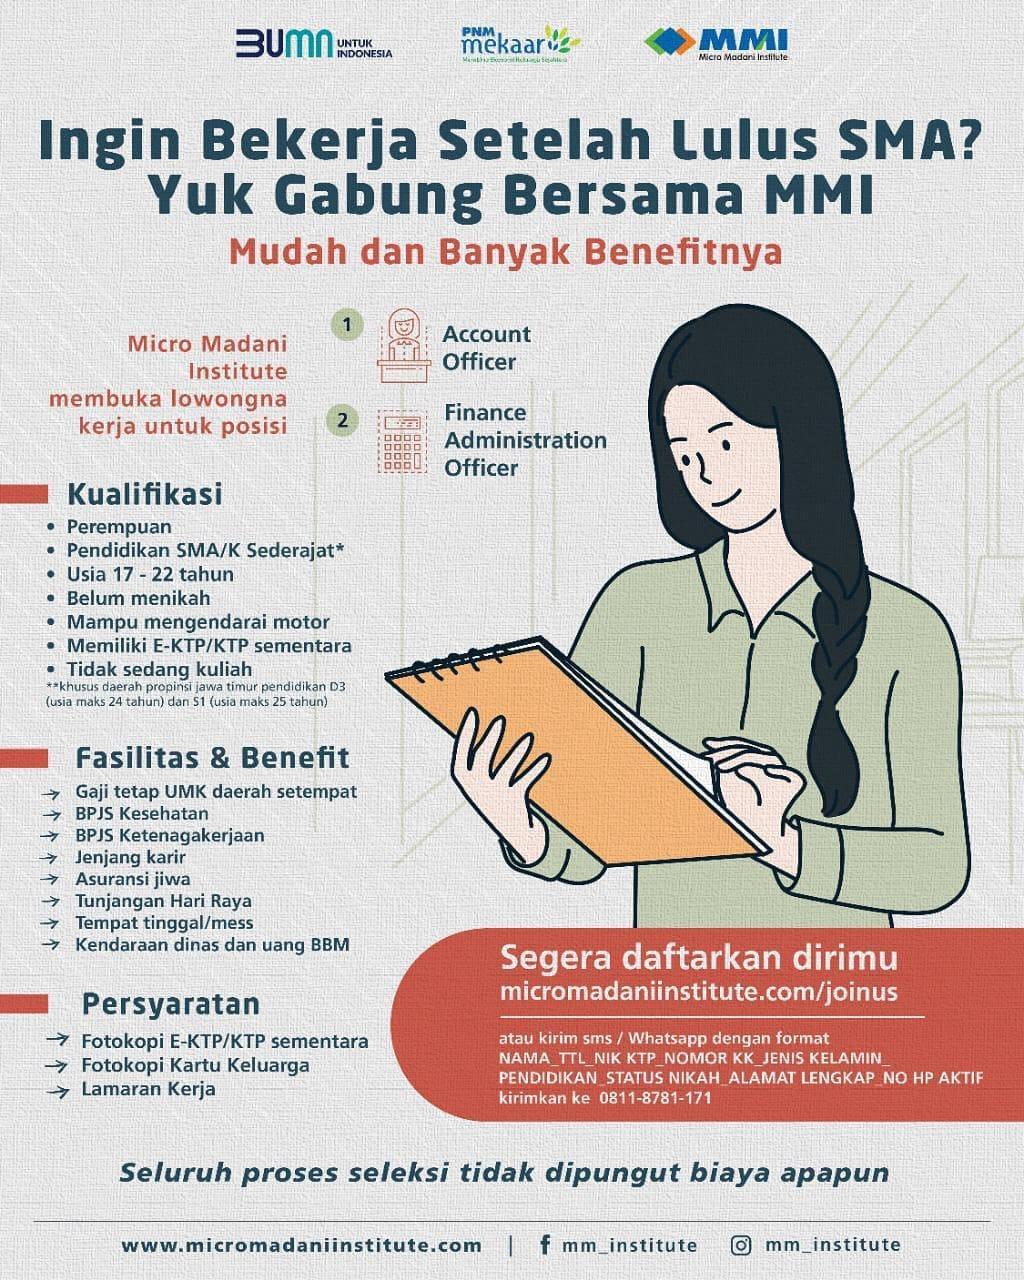 Info Loker Bumn Terbaru Rekrutmen Pt Pnm Persero Tingkat Sma Februari 2021 Medanloker Com Lowongan Kerja Medan